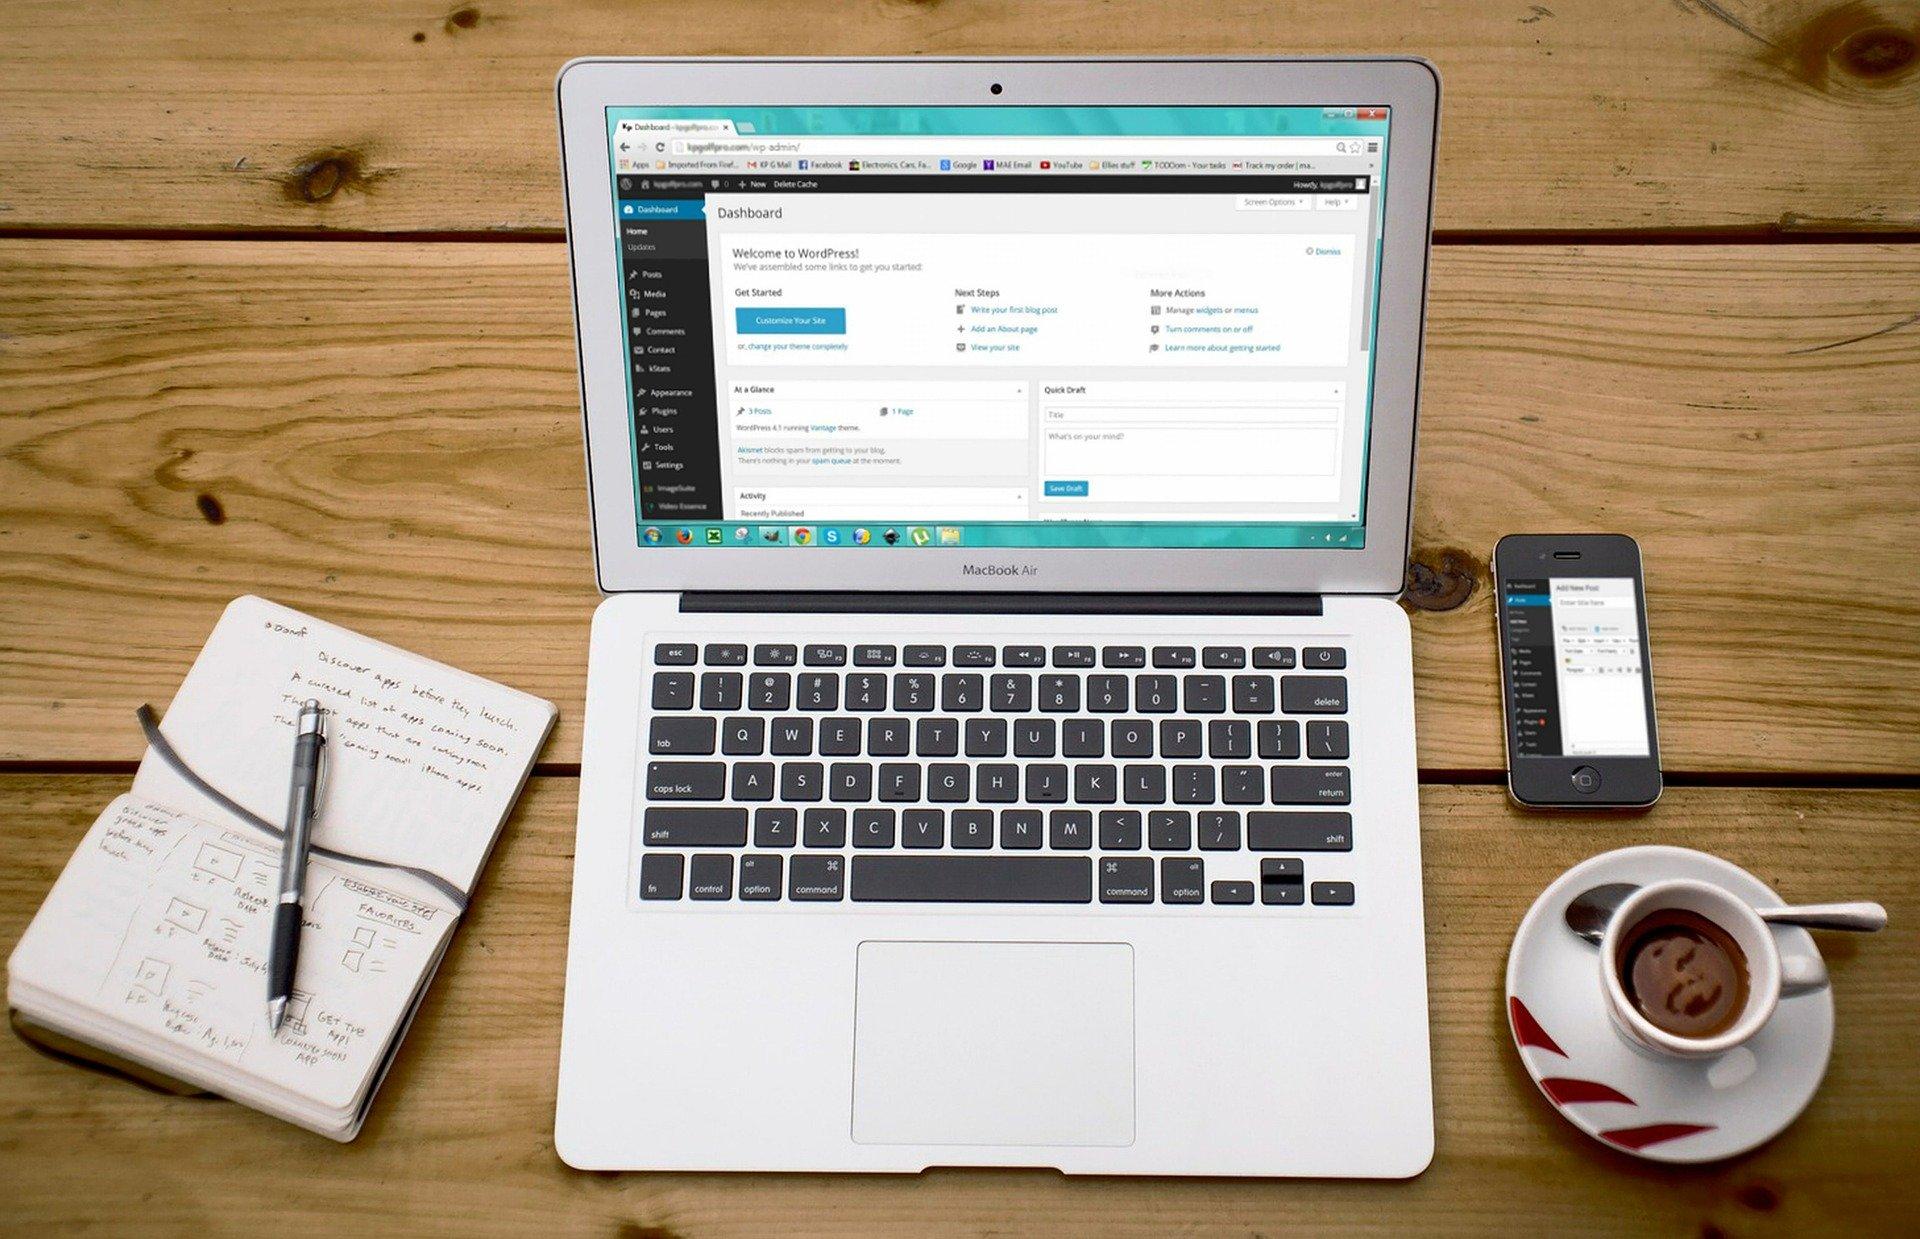 Gestaltung der Customer Journey mithilfe von Posts und Landing Pages